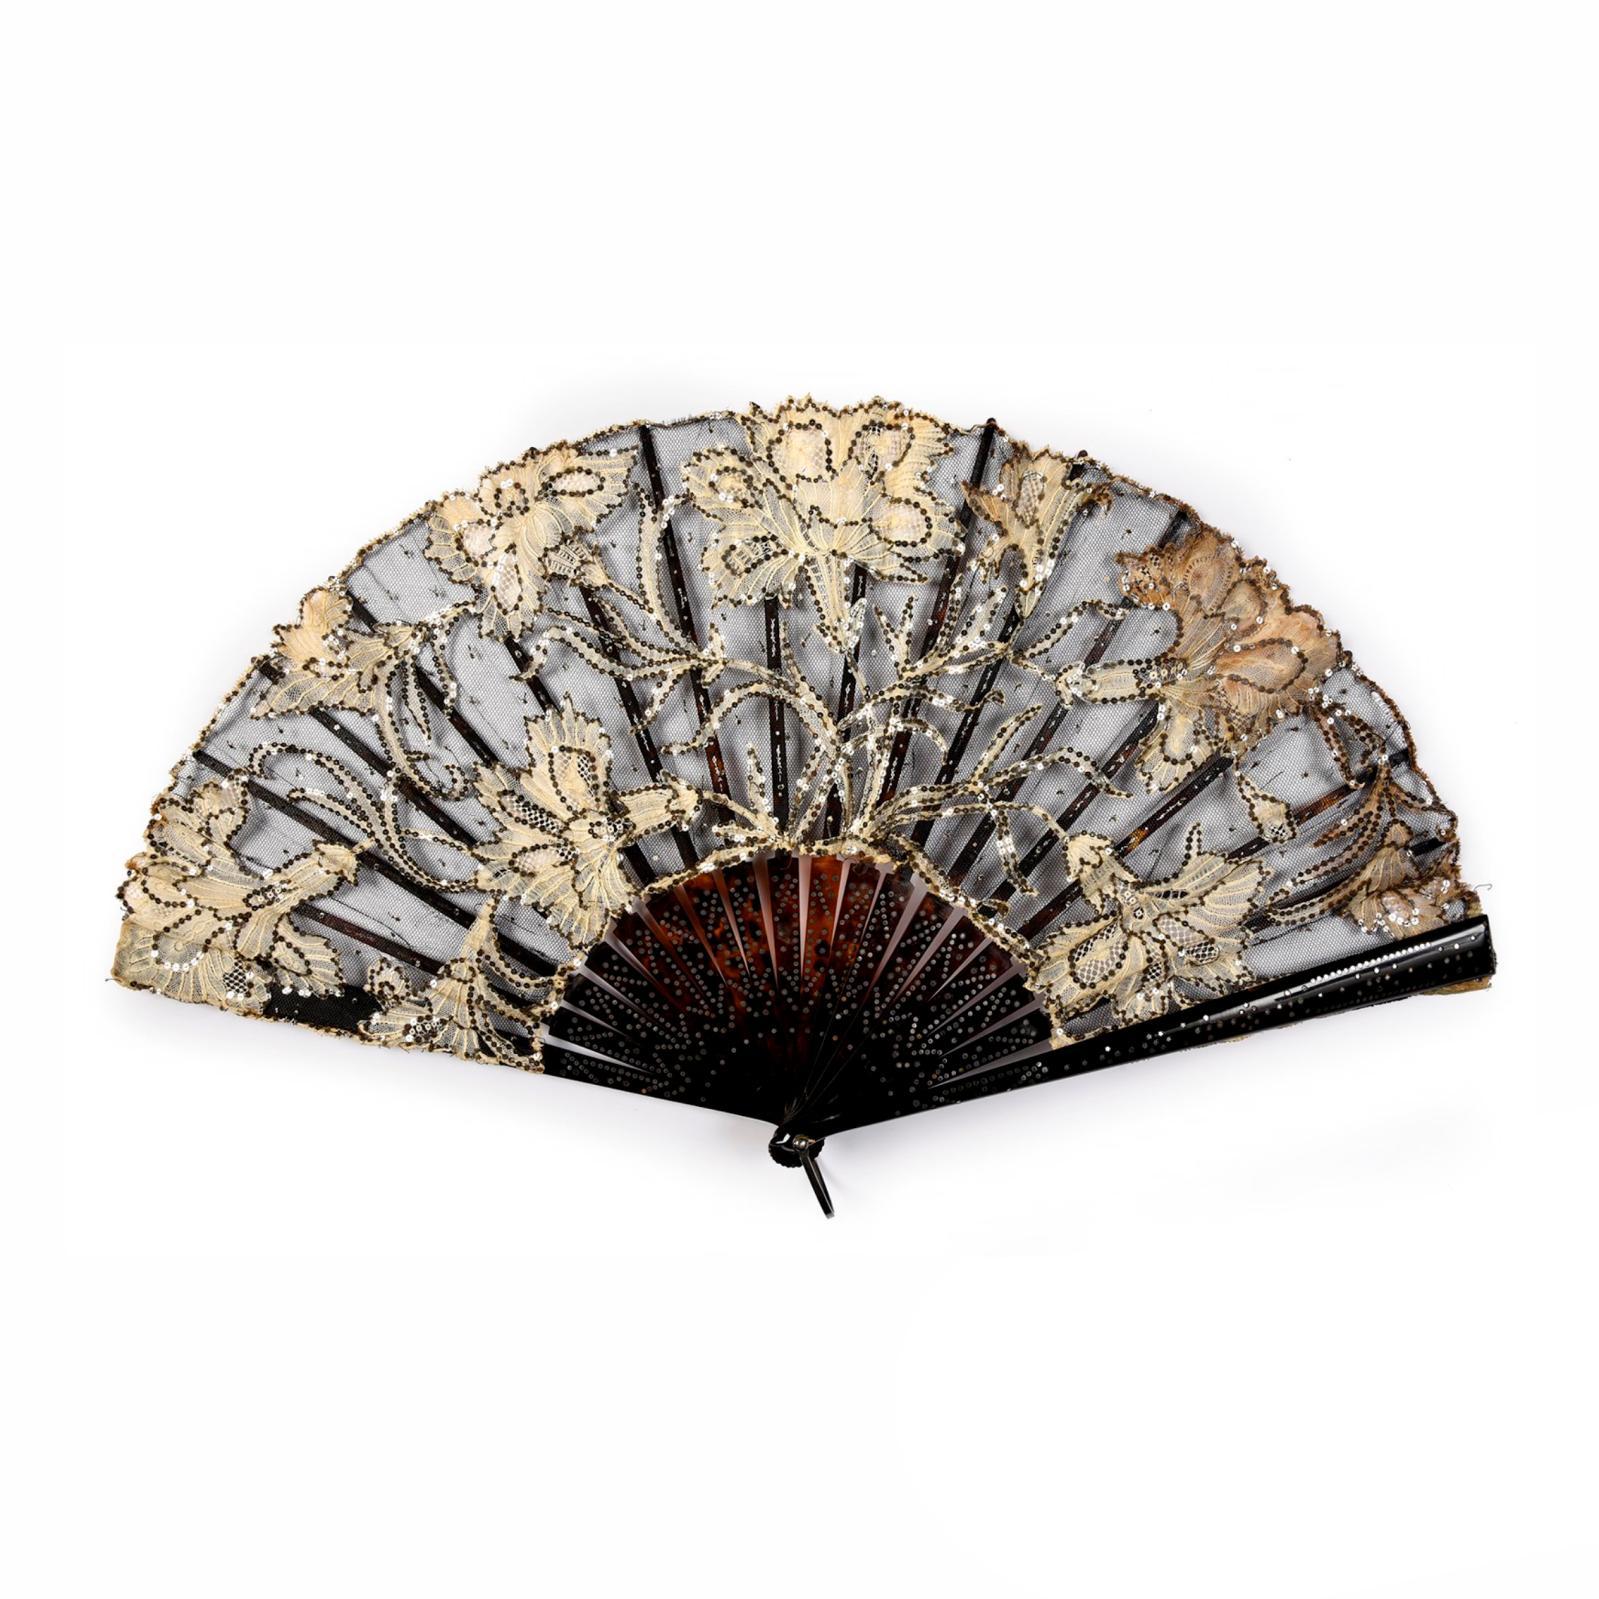 885€ Vers 1900. Les Œillets d'argent, éventail plié, feuille en tulle, monture en écaille brune incrustée de paillettes d'acier, bélière,